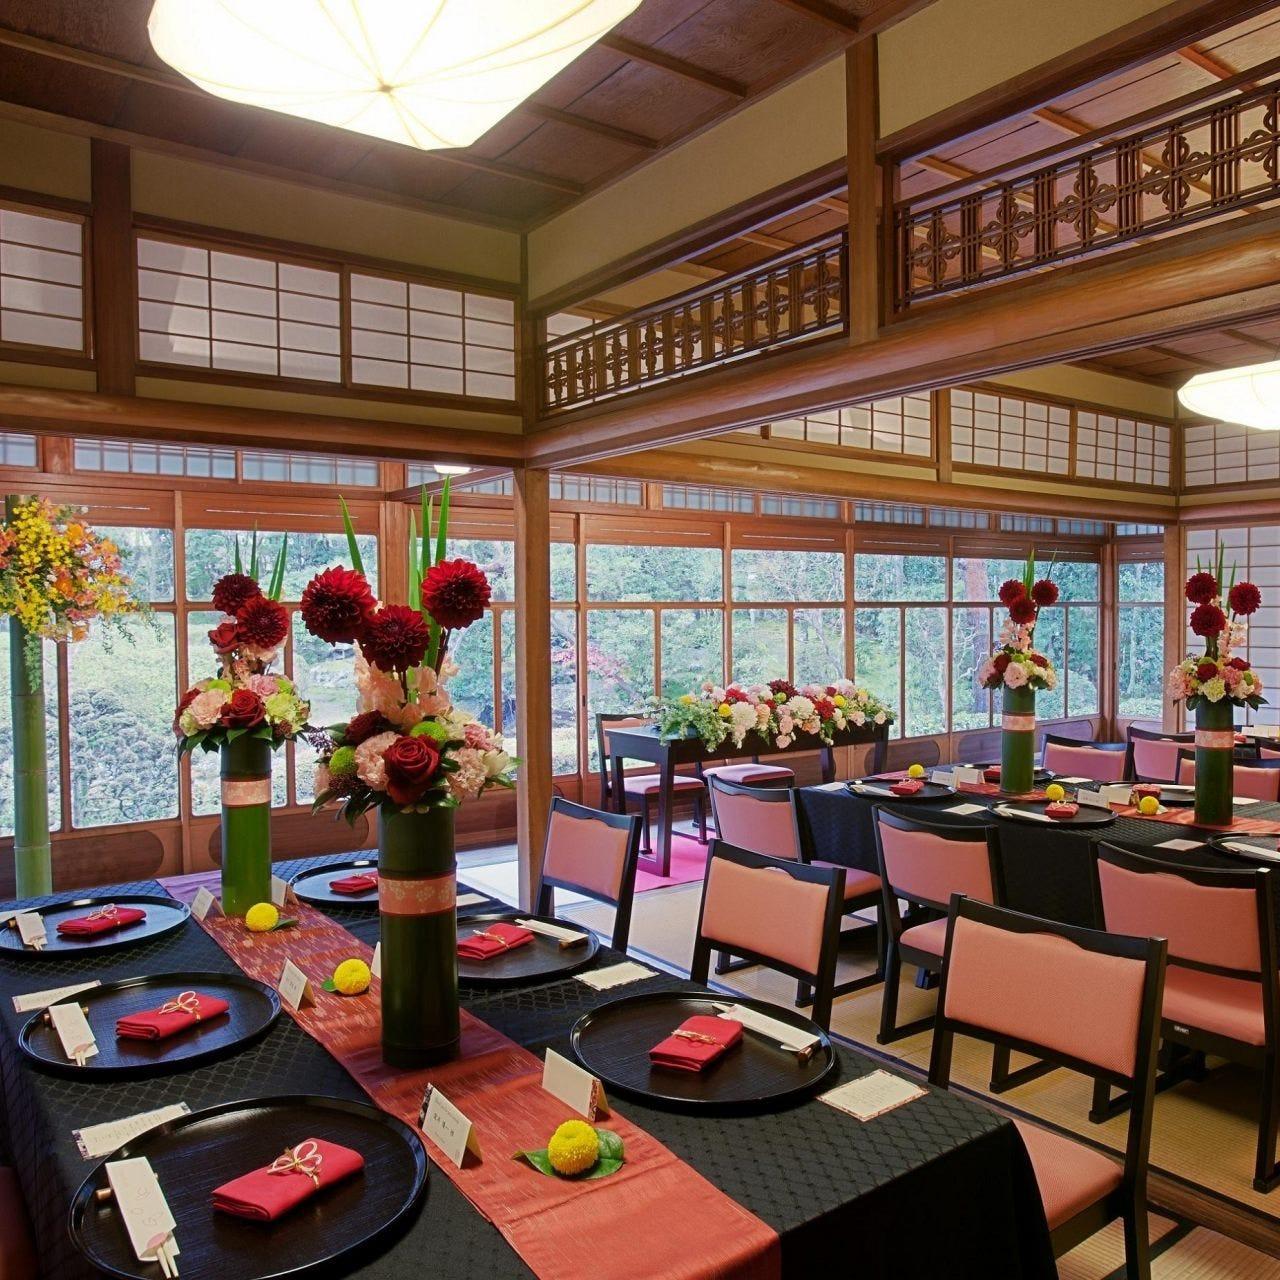 大正4年築造の母屋 着席24名様。日本庭園が魅力の会場。